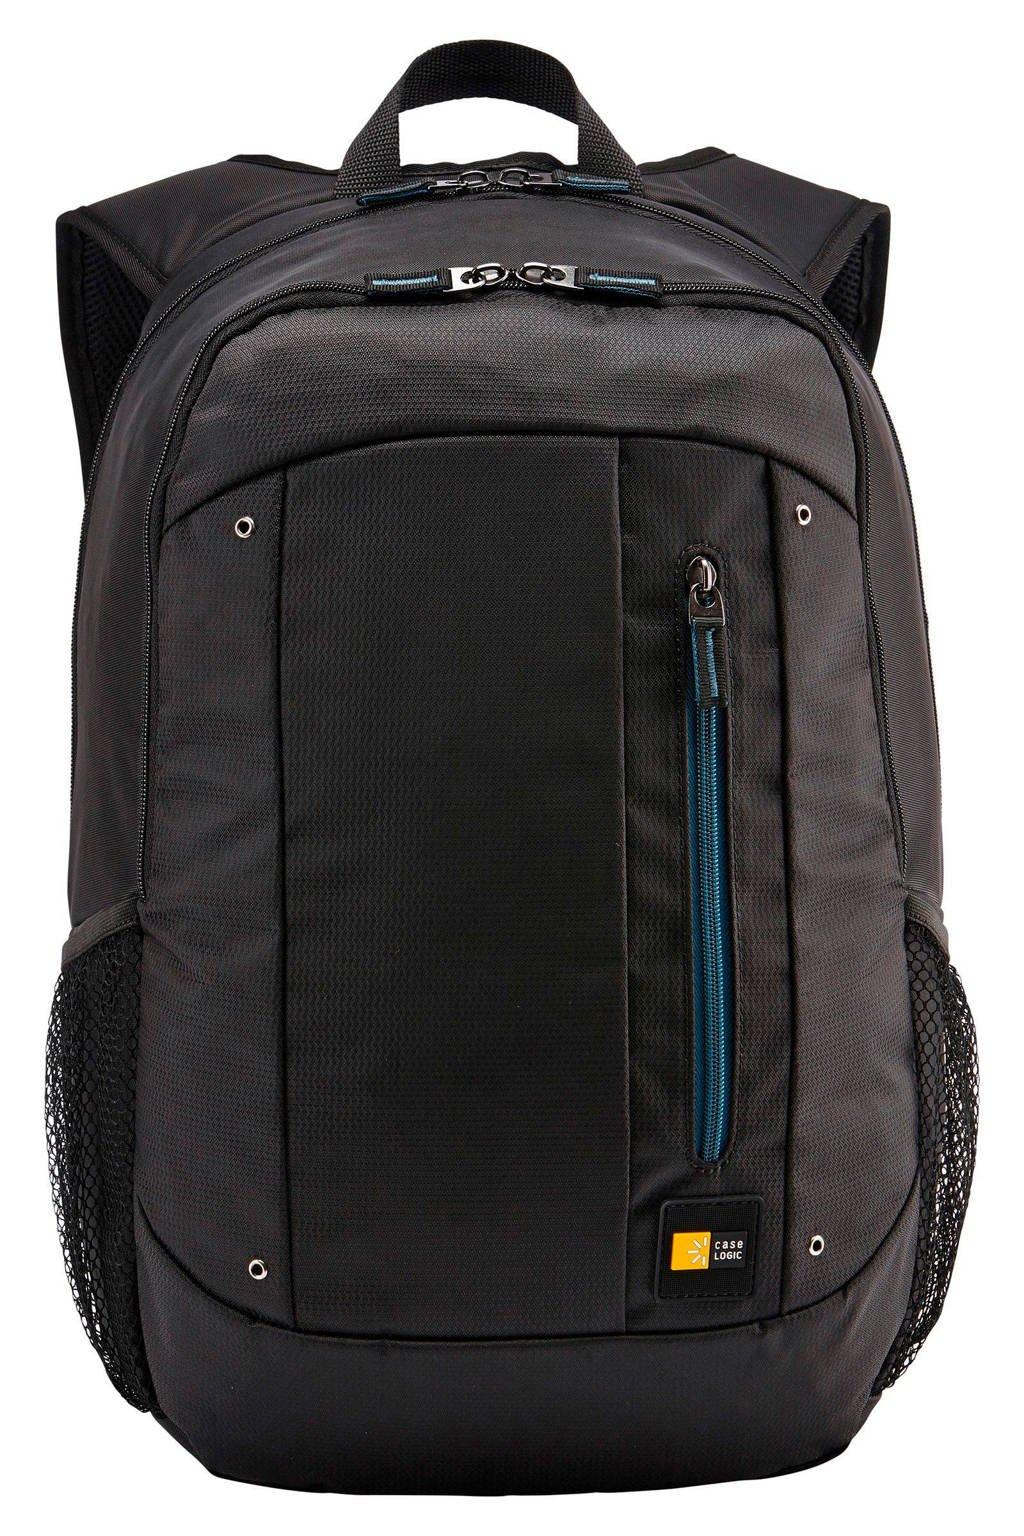 Case Logic Jaunt 15.6 laptoptas rugzak, Zwart